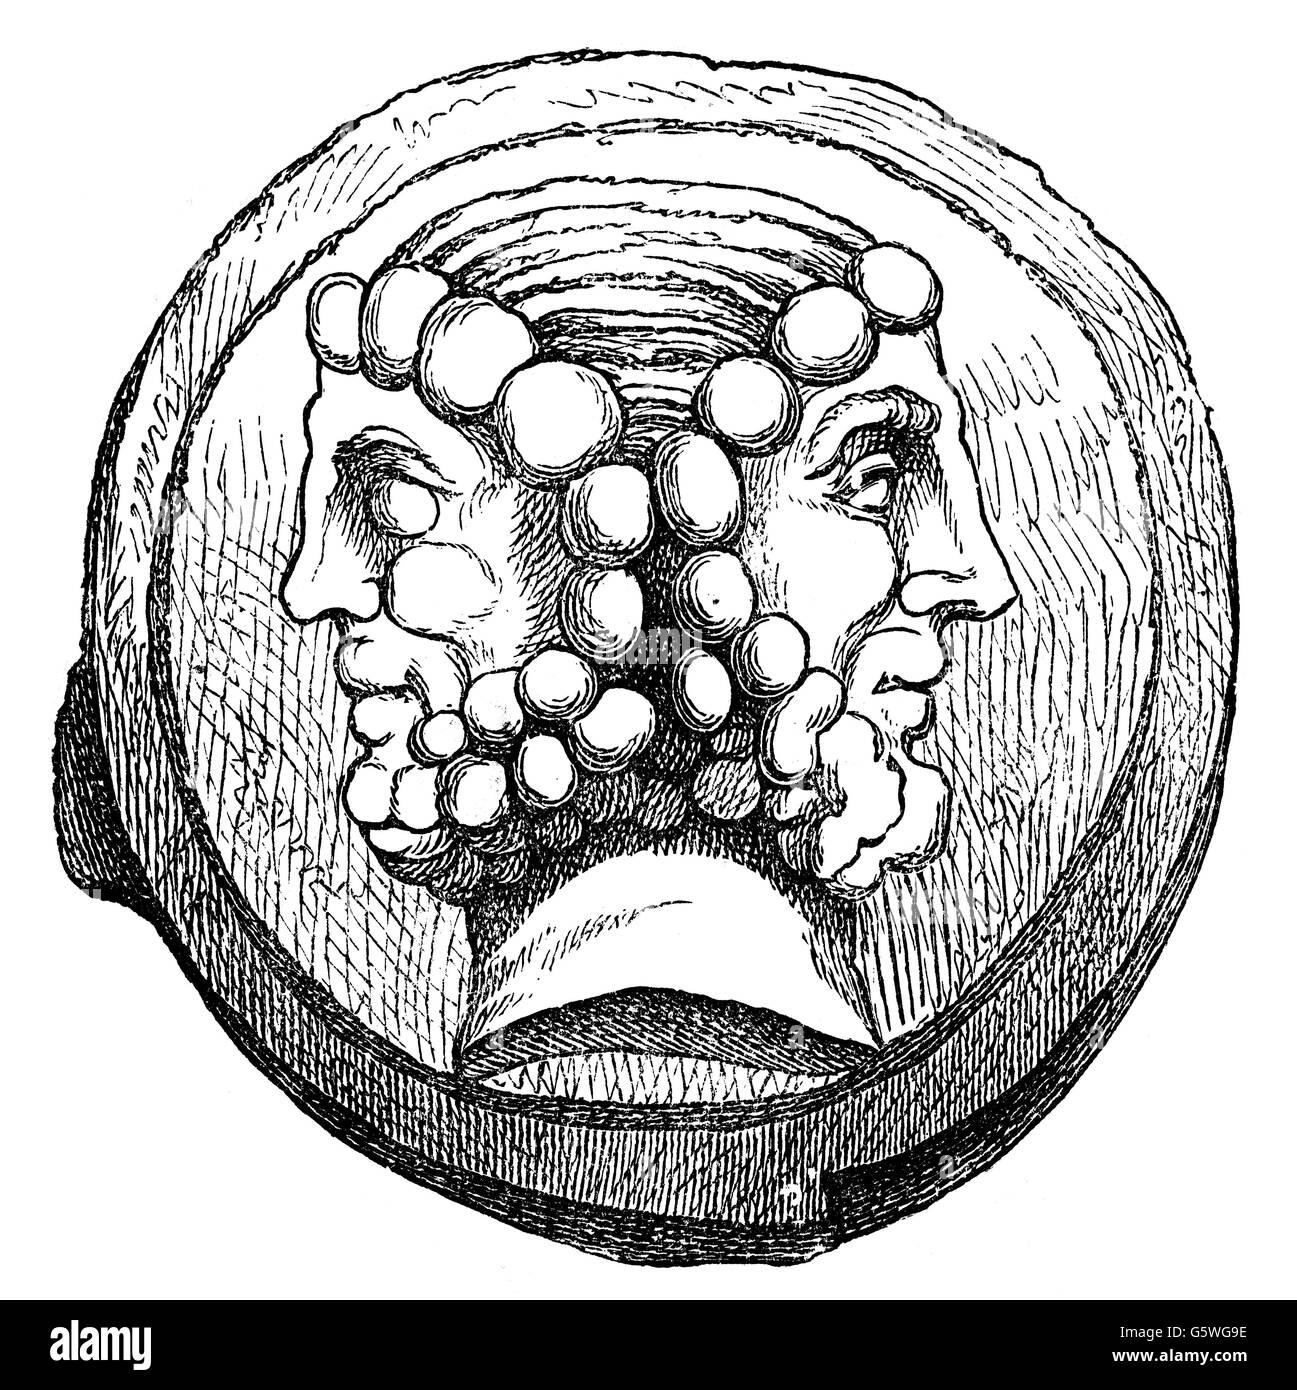 c9eefcd220 Il denaro / Finanze, monete, mondo antico impero romano, come  complementare, ritratto